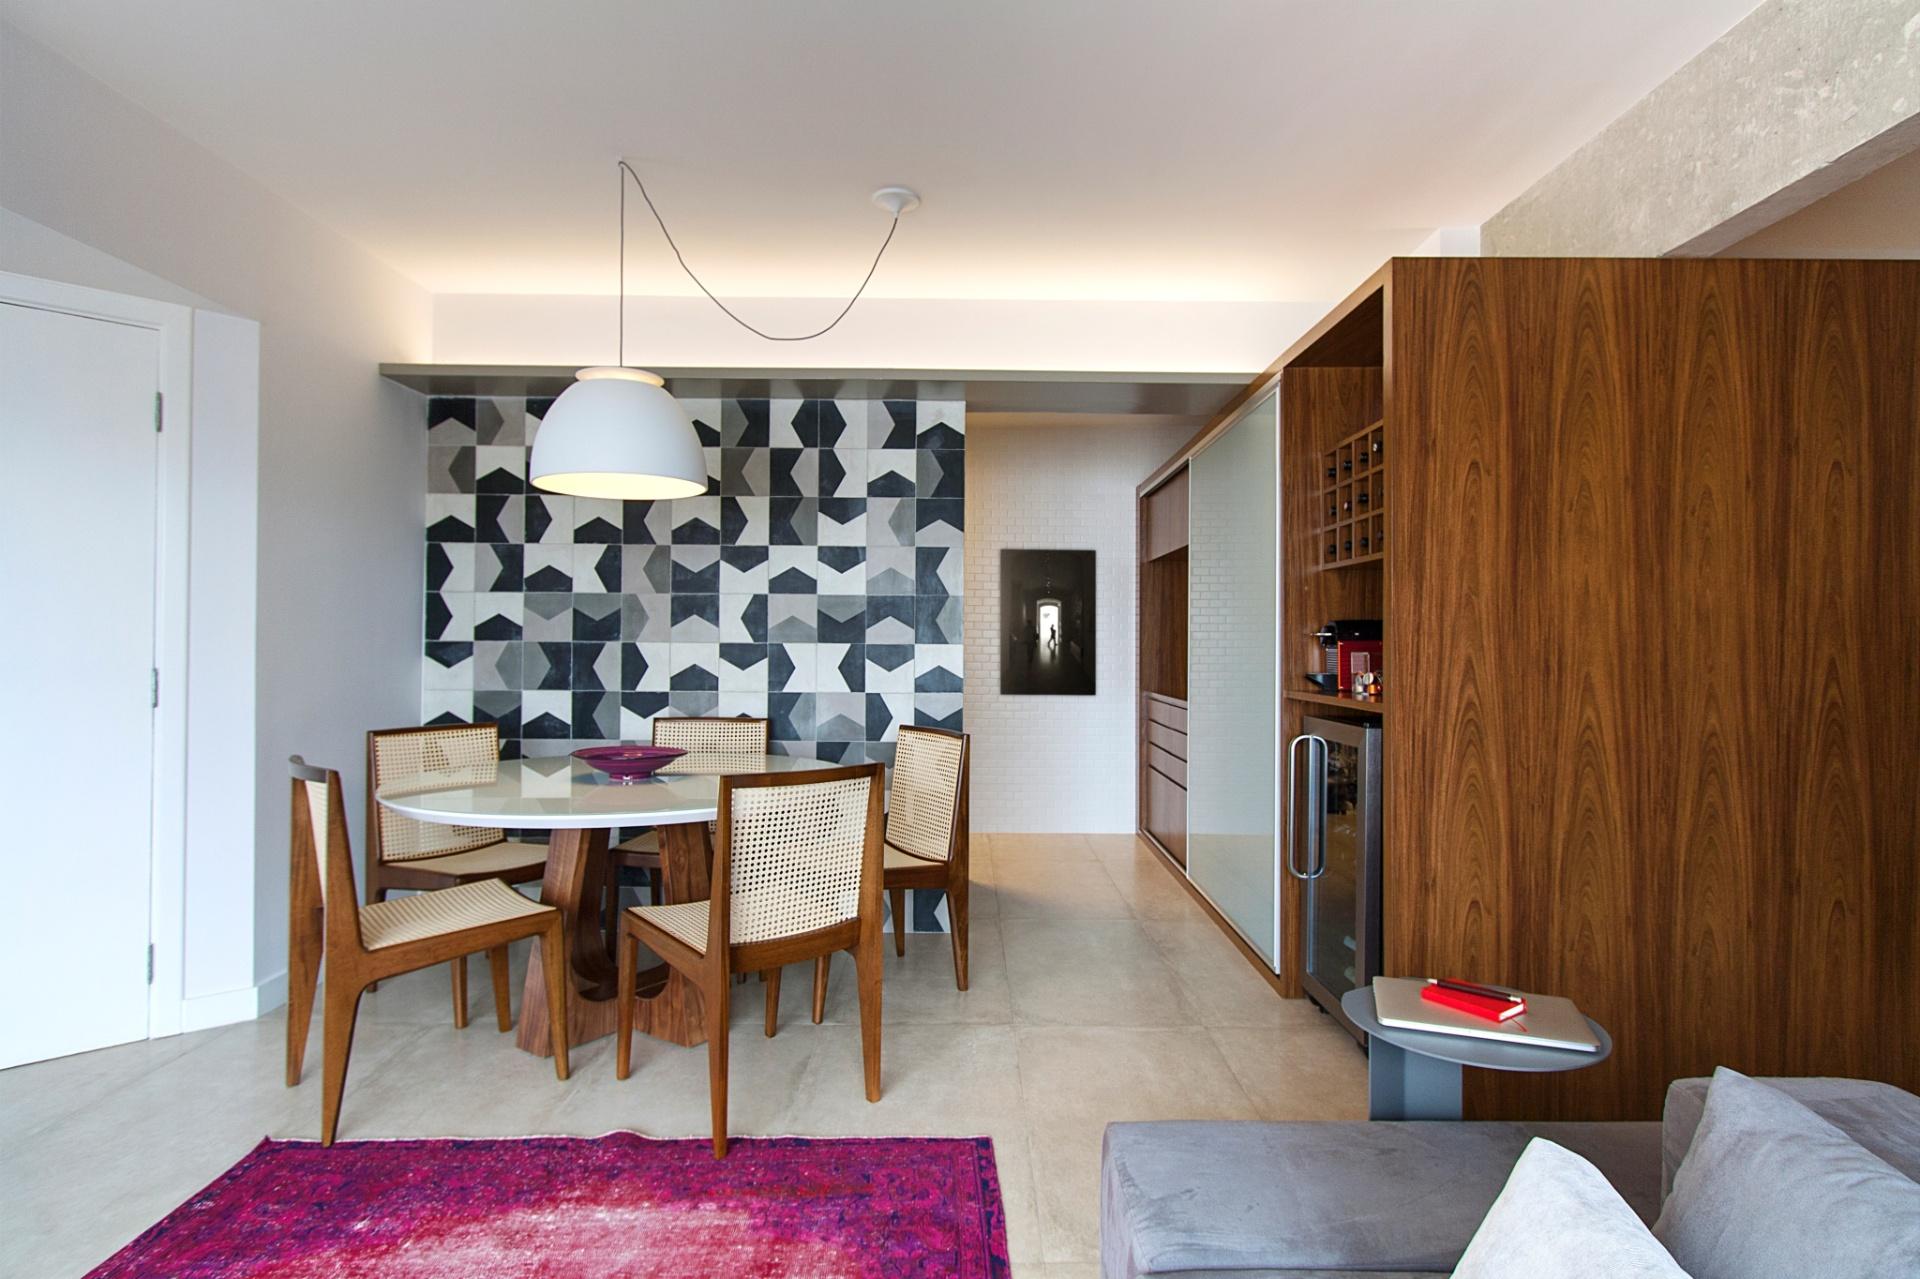 Inspire se em projetos de arquitetura e decoração para casas BOL  #6D3D20 1920 1279